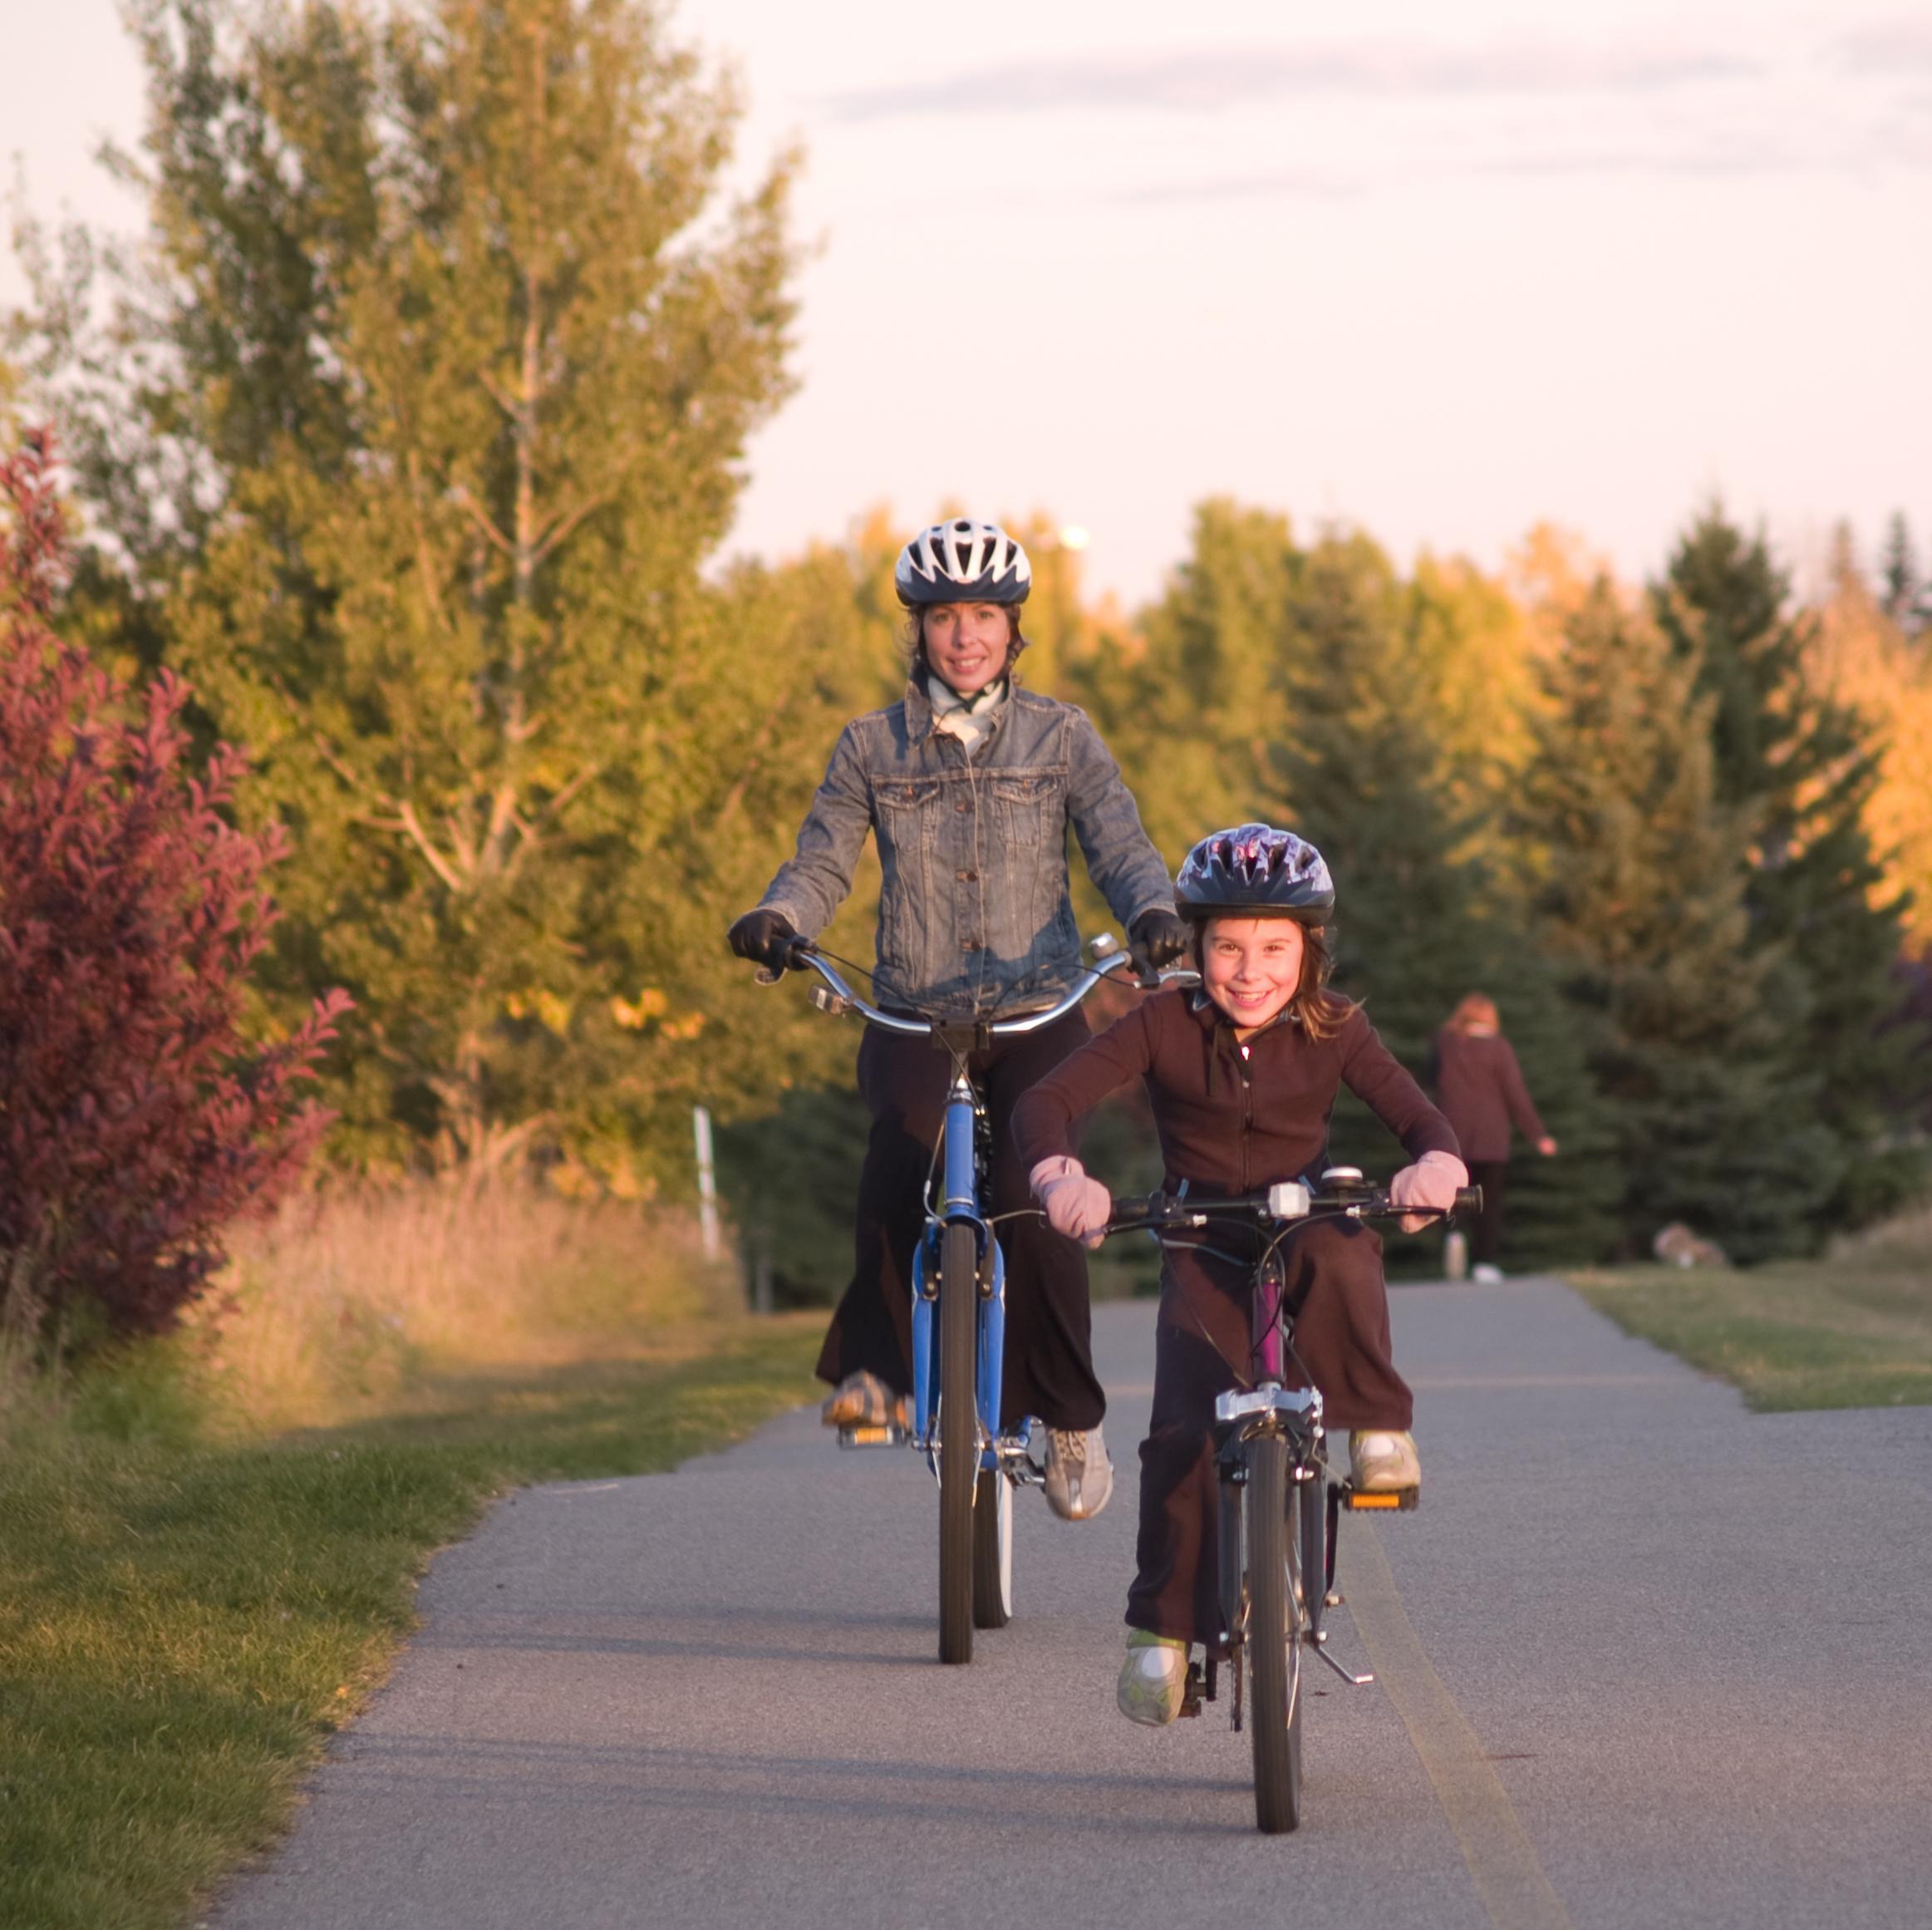 equipement enfant vélo